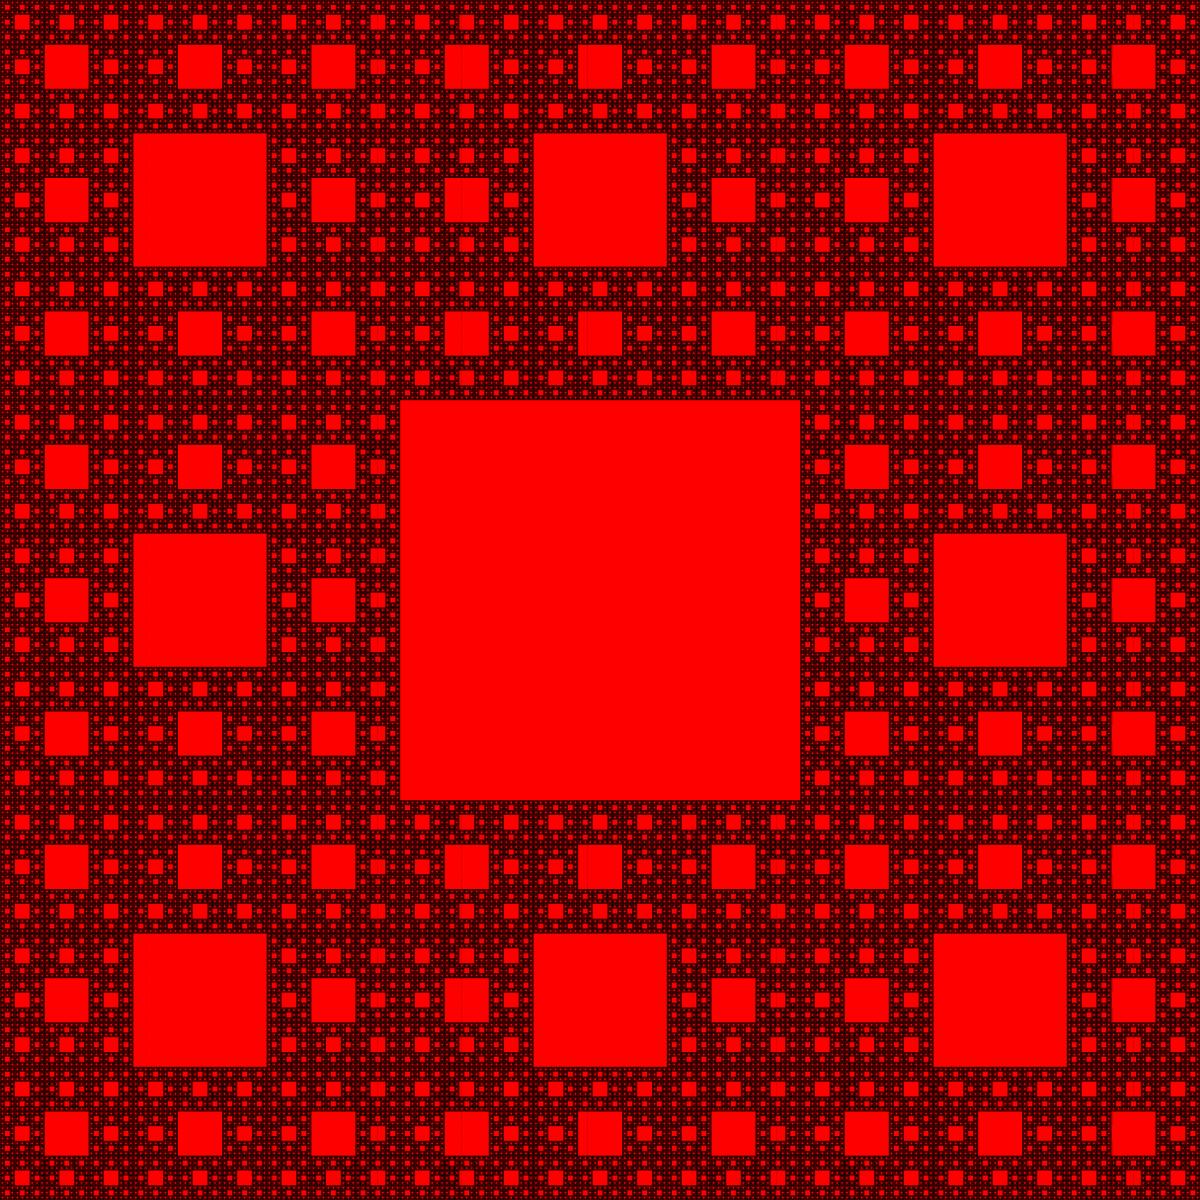 Alfombra de sierpinski wikipedia la enciclopedia libre for Todo tipo de alfombras